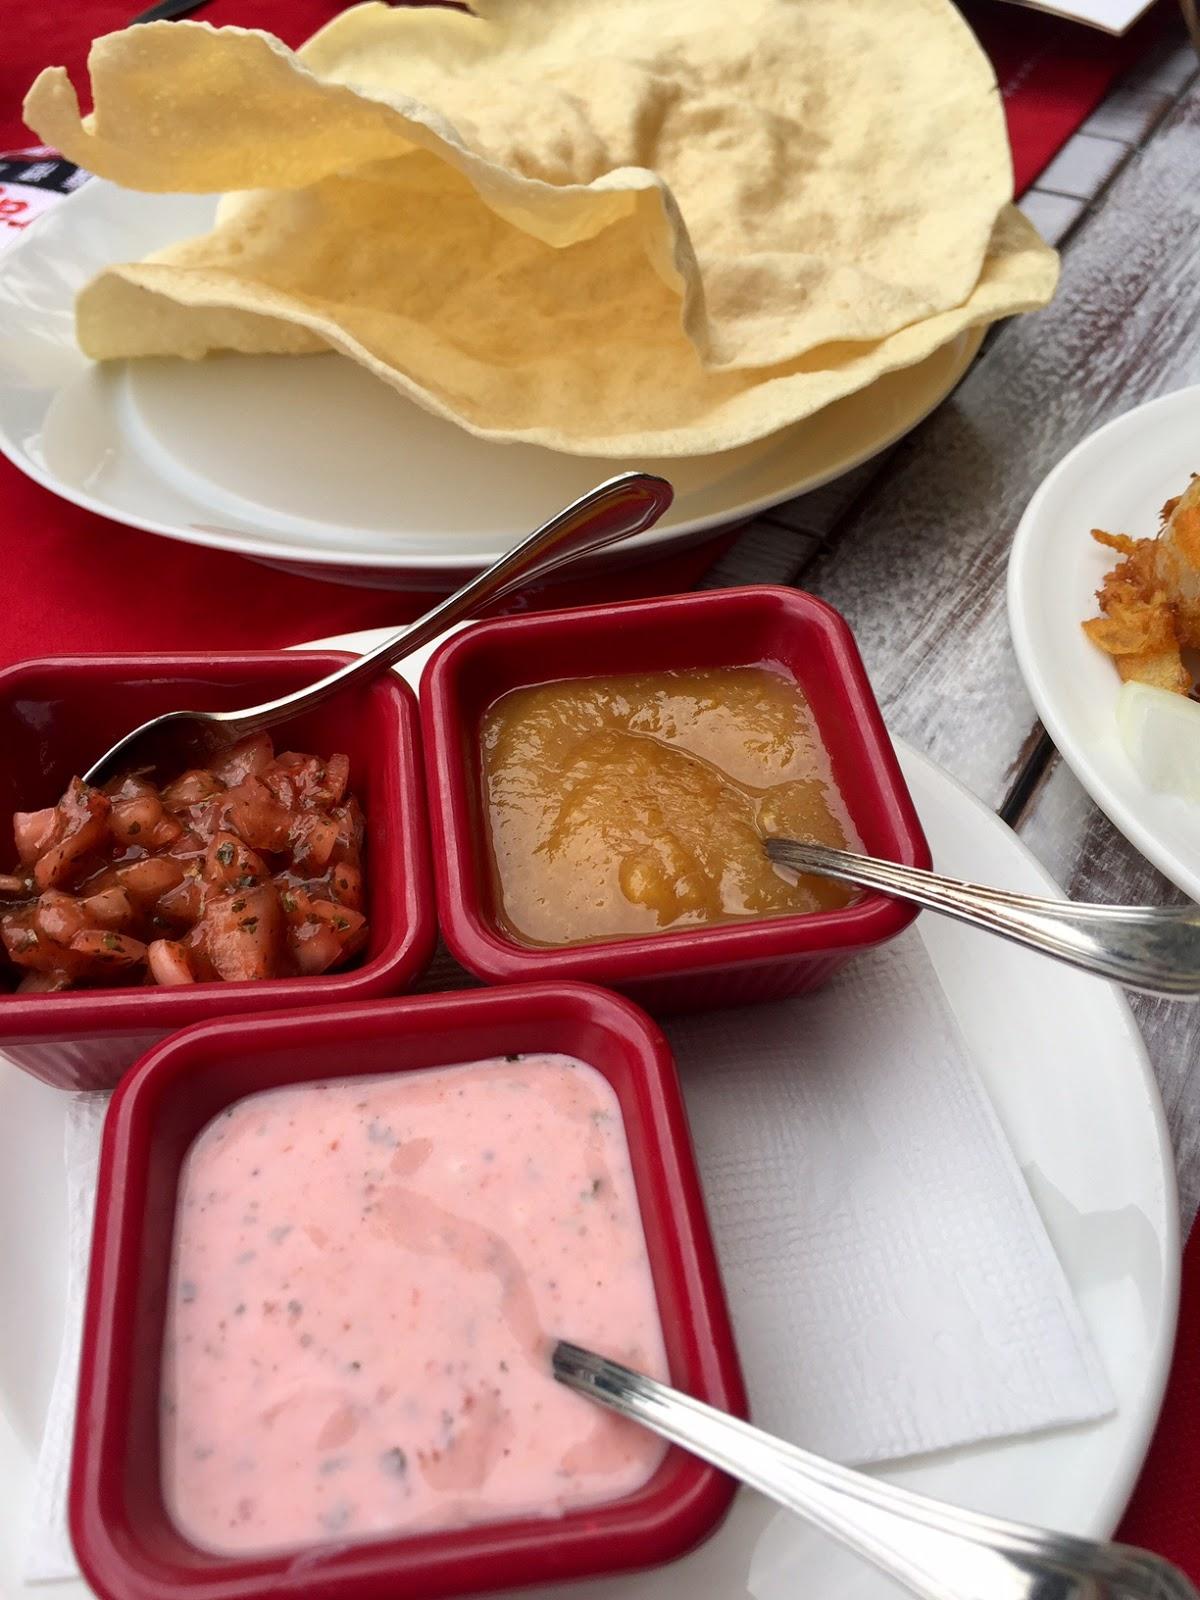 Bir domuz yemeği için ne pişirilecek: Hint yemekleri için bir tarifi